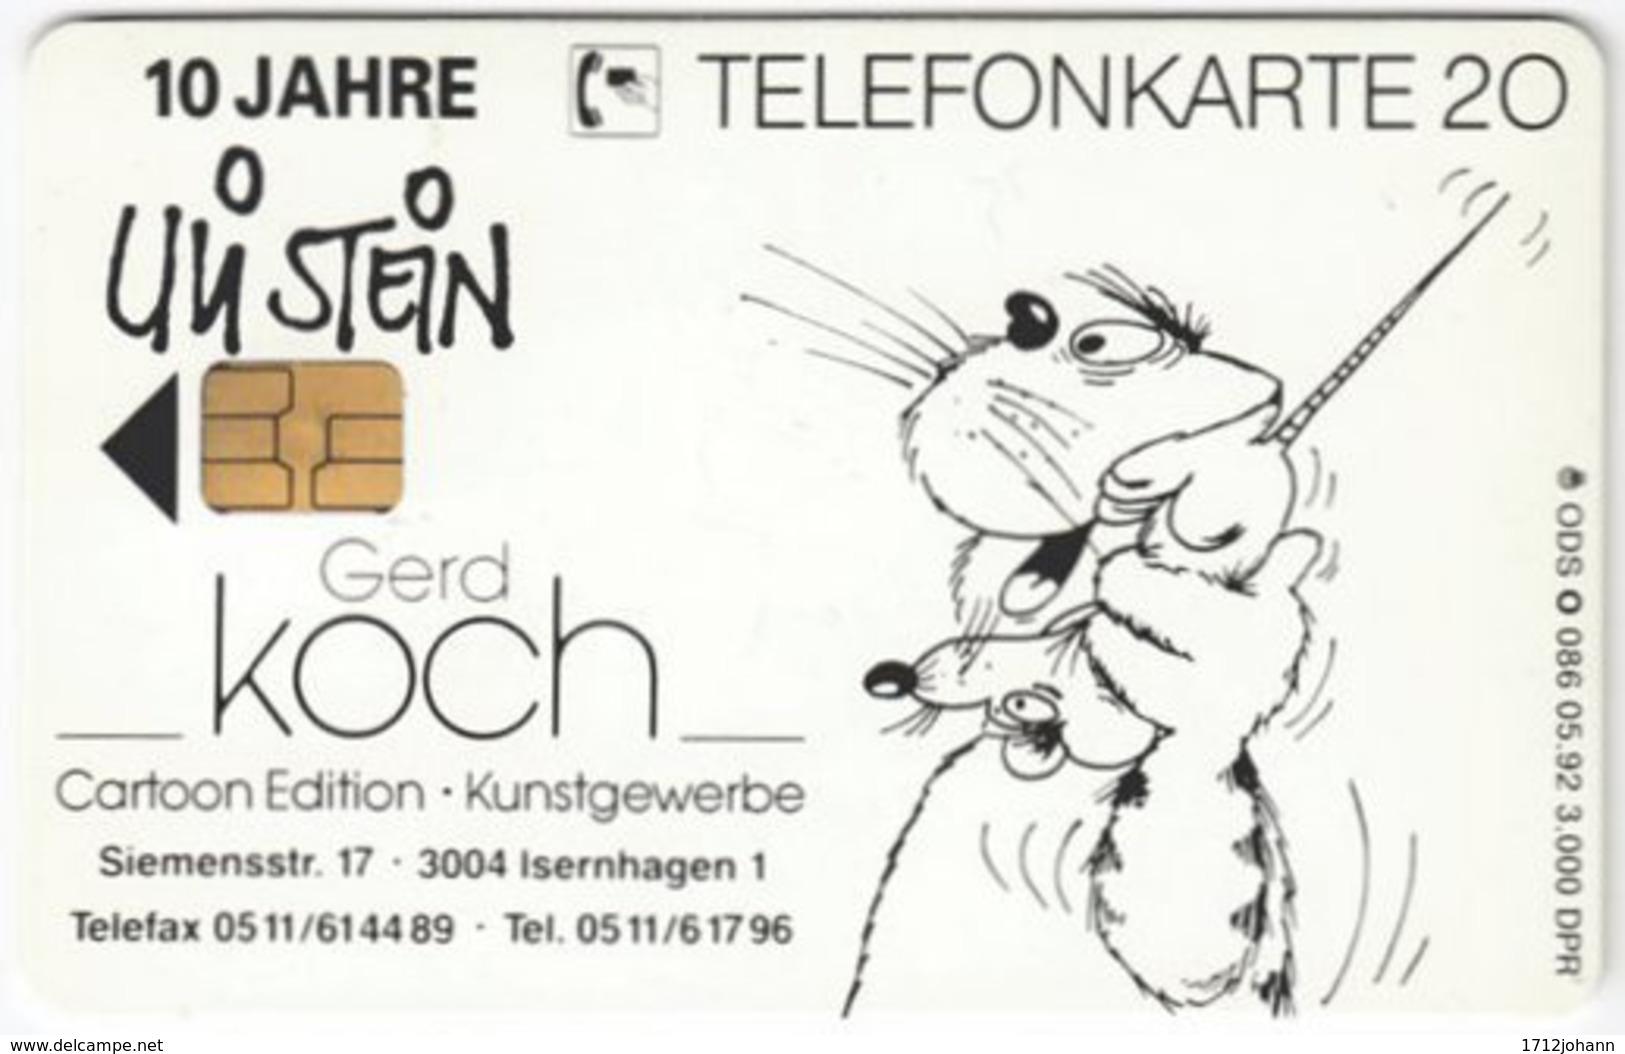 GERMANY O-Serie A-957 - 086 05.92 - Painting, Modern Art - MINT - O-Series: Kundenserie Vom Sammlerservice Ausgeschlossen